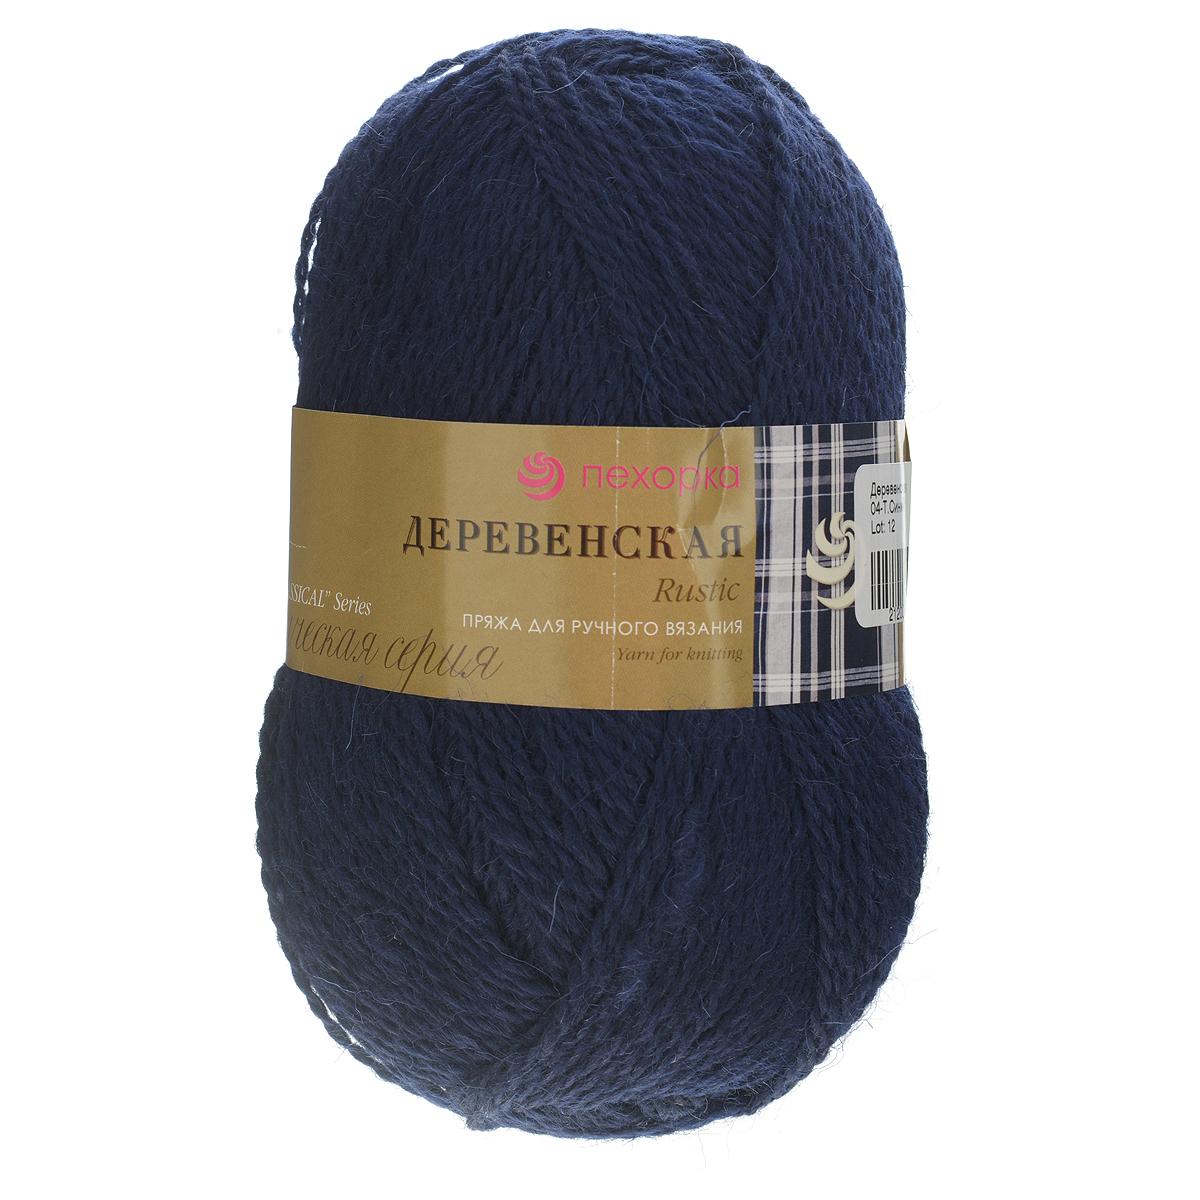 Пряжа для вязания Пехорка Деревенская, цвет: темно-синий (04), 250 м, 100 г, 10 шт360039_04_04-Т.СинийПряжа для вязания Пехорка Деревенская изготовлена из 100% полугрубой шерсти. Деревенской названа потому что, в те прошлые далекие годы наши бабушки обрабатывали шерсть вручную, выпрядали пряжу и вязали рукавицы, носки, жилетки, свитера. Такой трикотаж получается колючий, но теплый, а также прекрасно держит форму. Рекомендуемые спицы для вязания №3,5. Толщина нити: 2 мм.